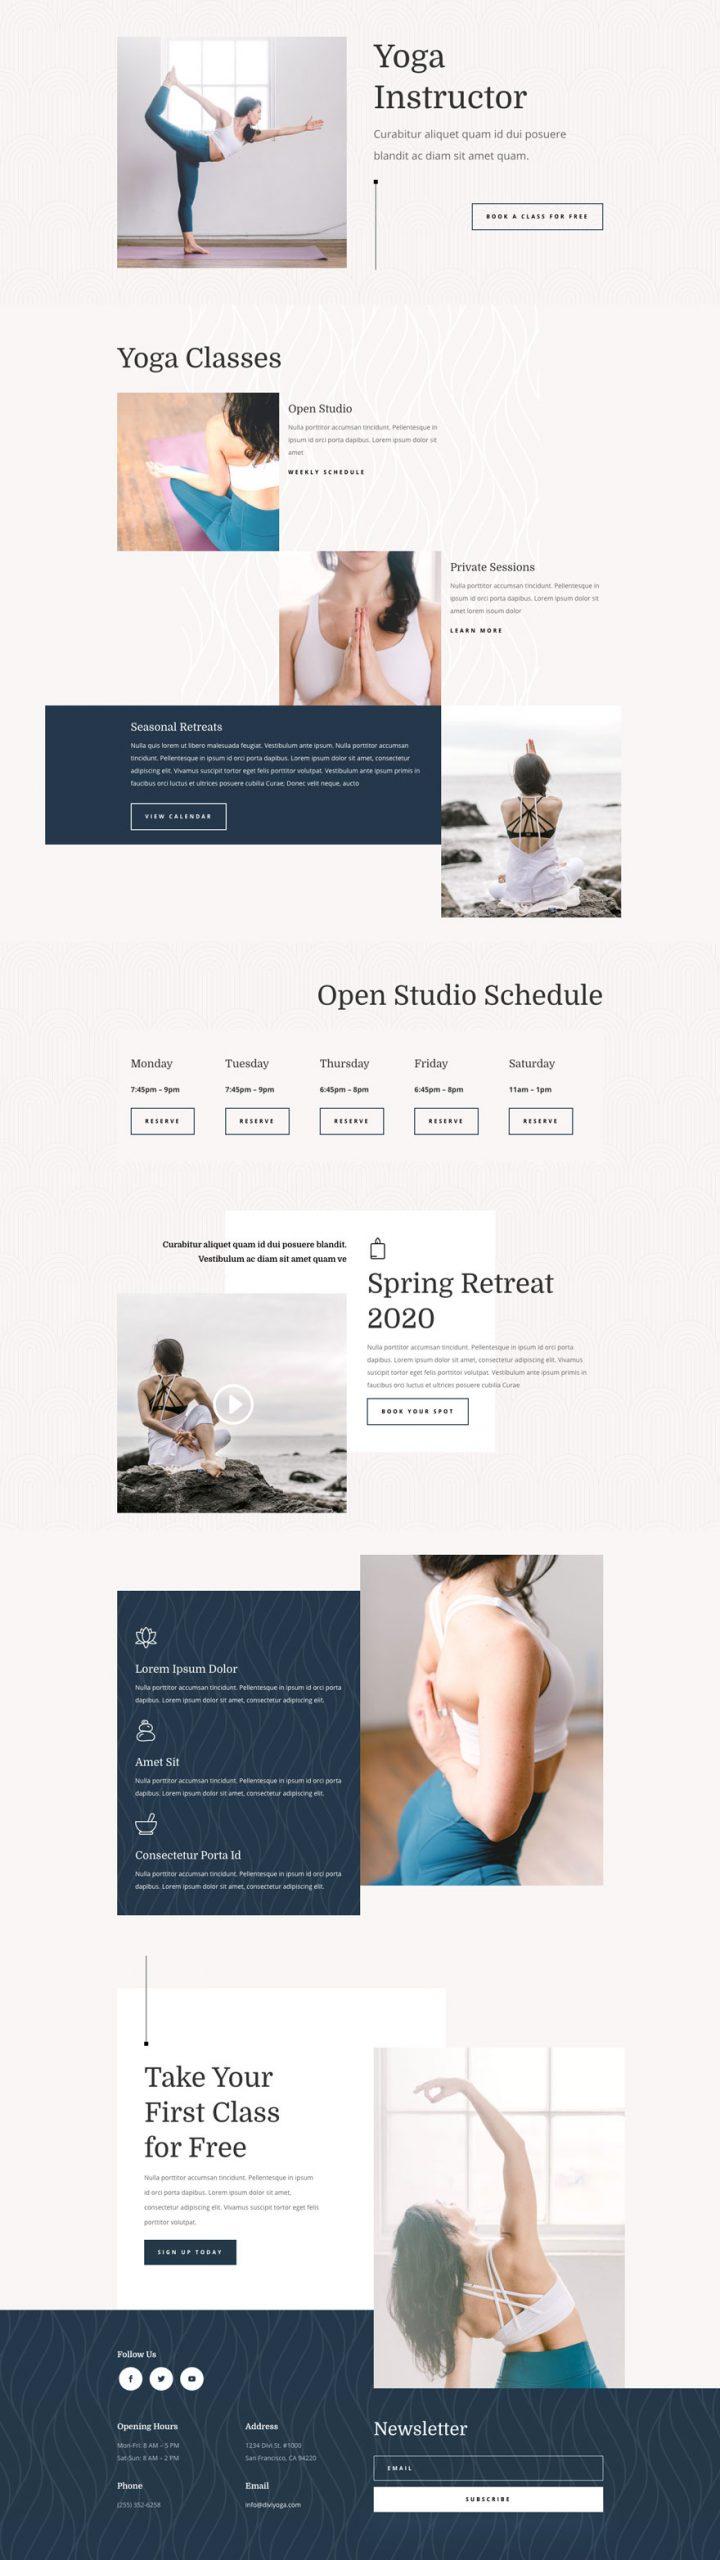 Yoga Instructor Website Design